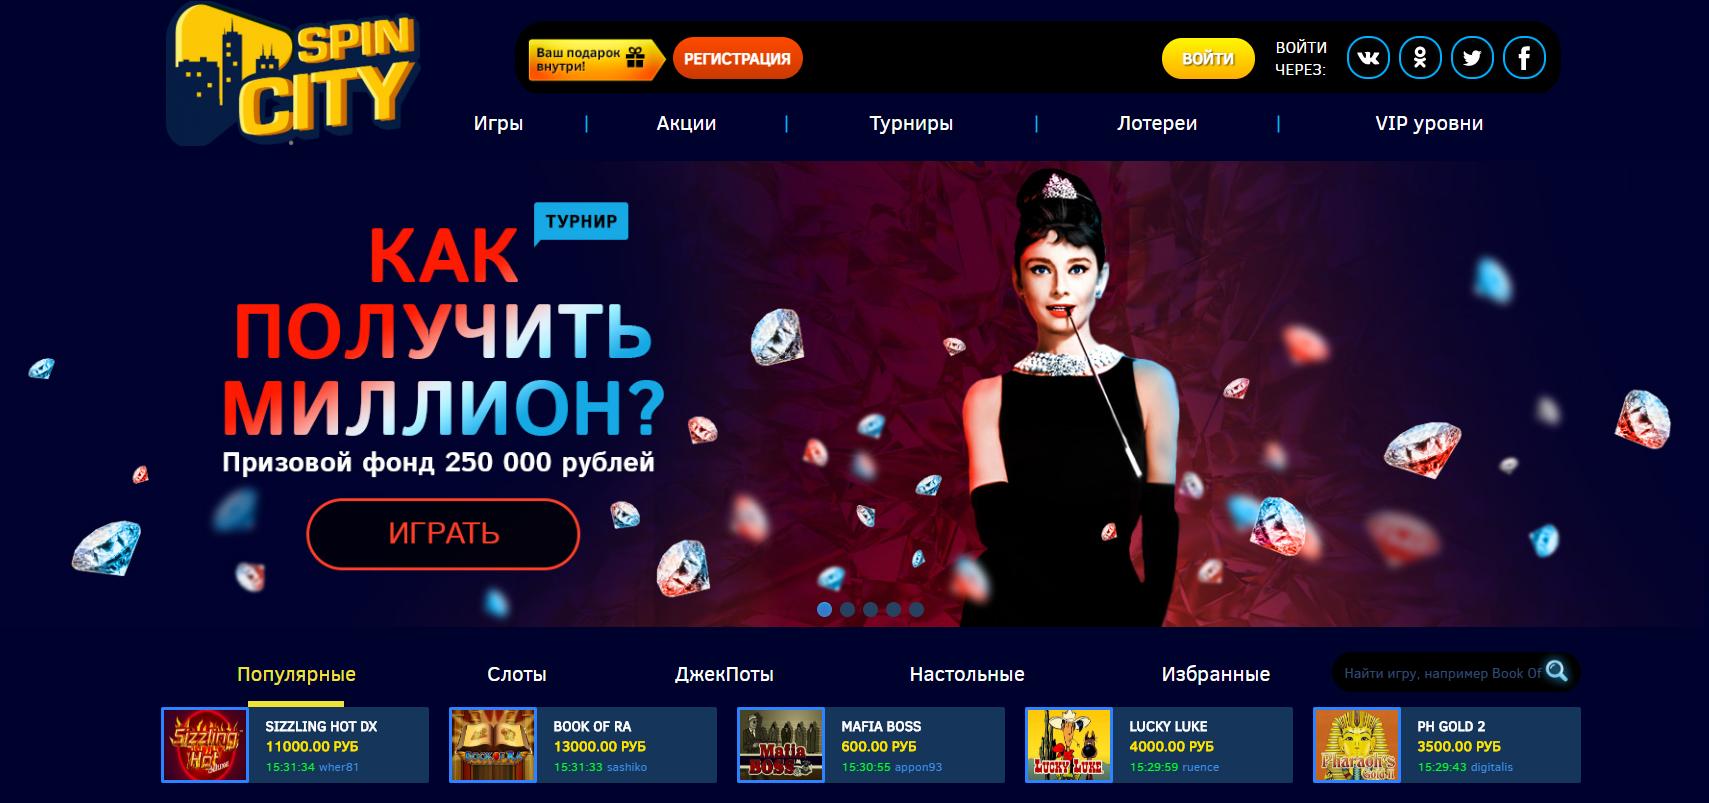 Скрипт казино с хорошим дизайном скрипт полностью готового онлайн казино